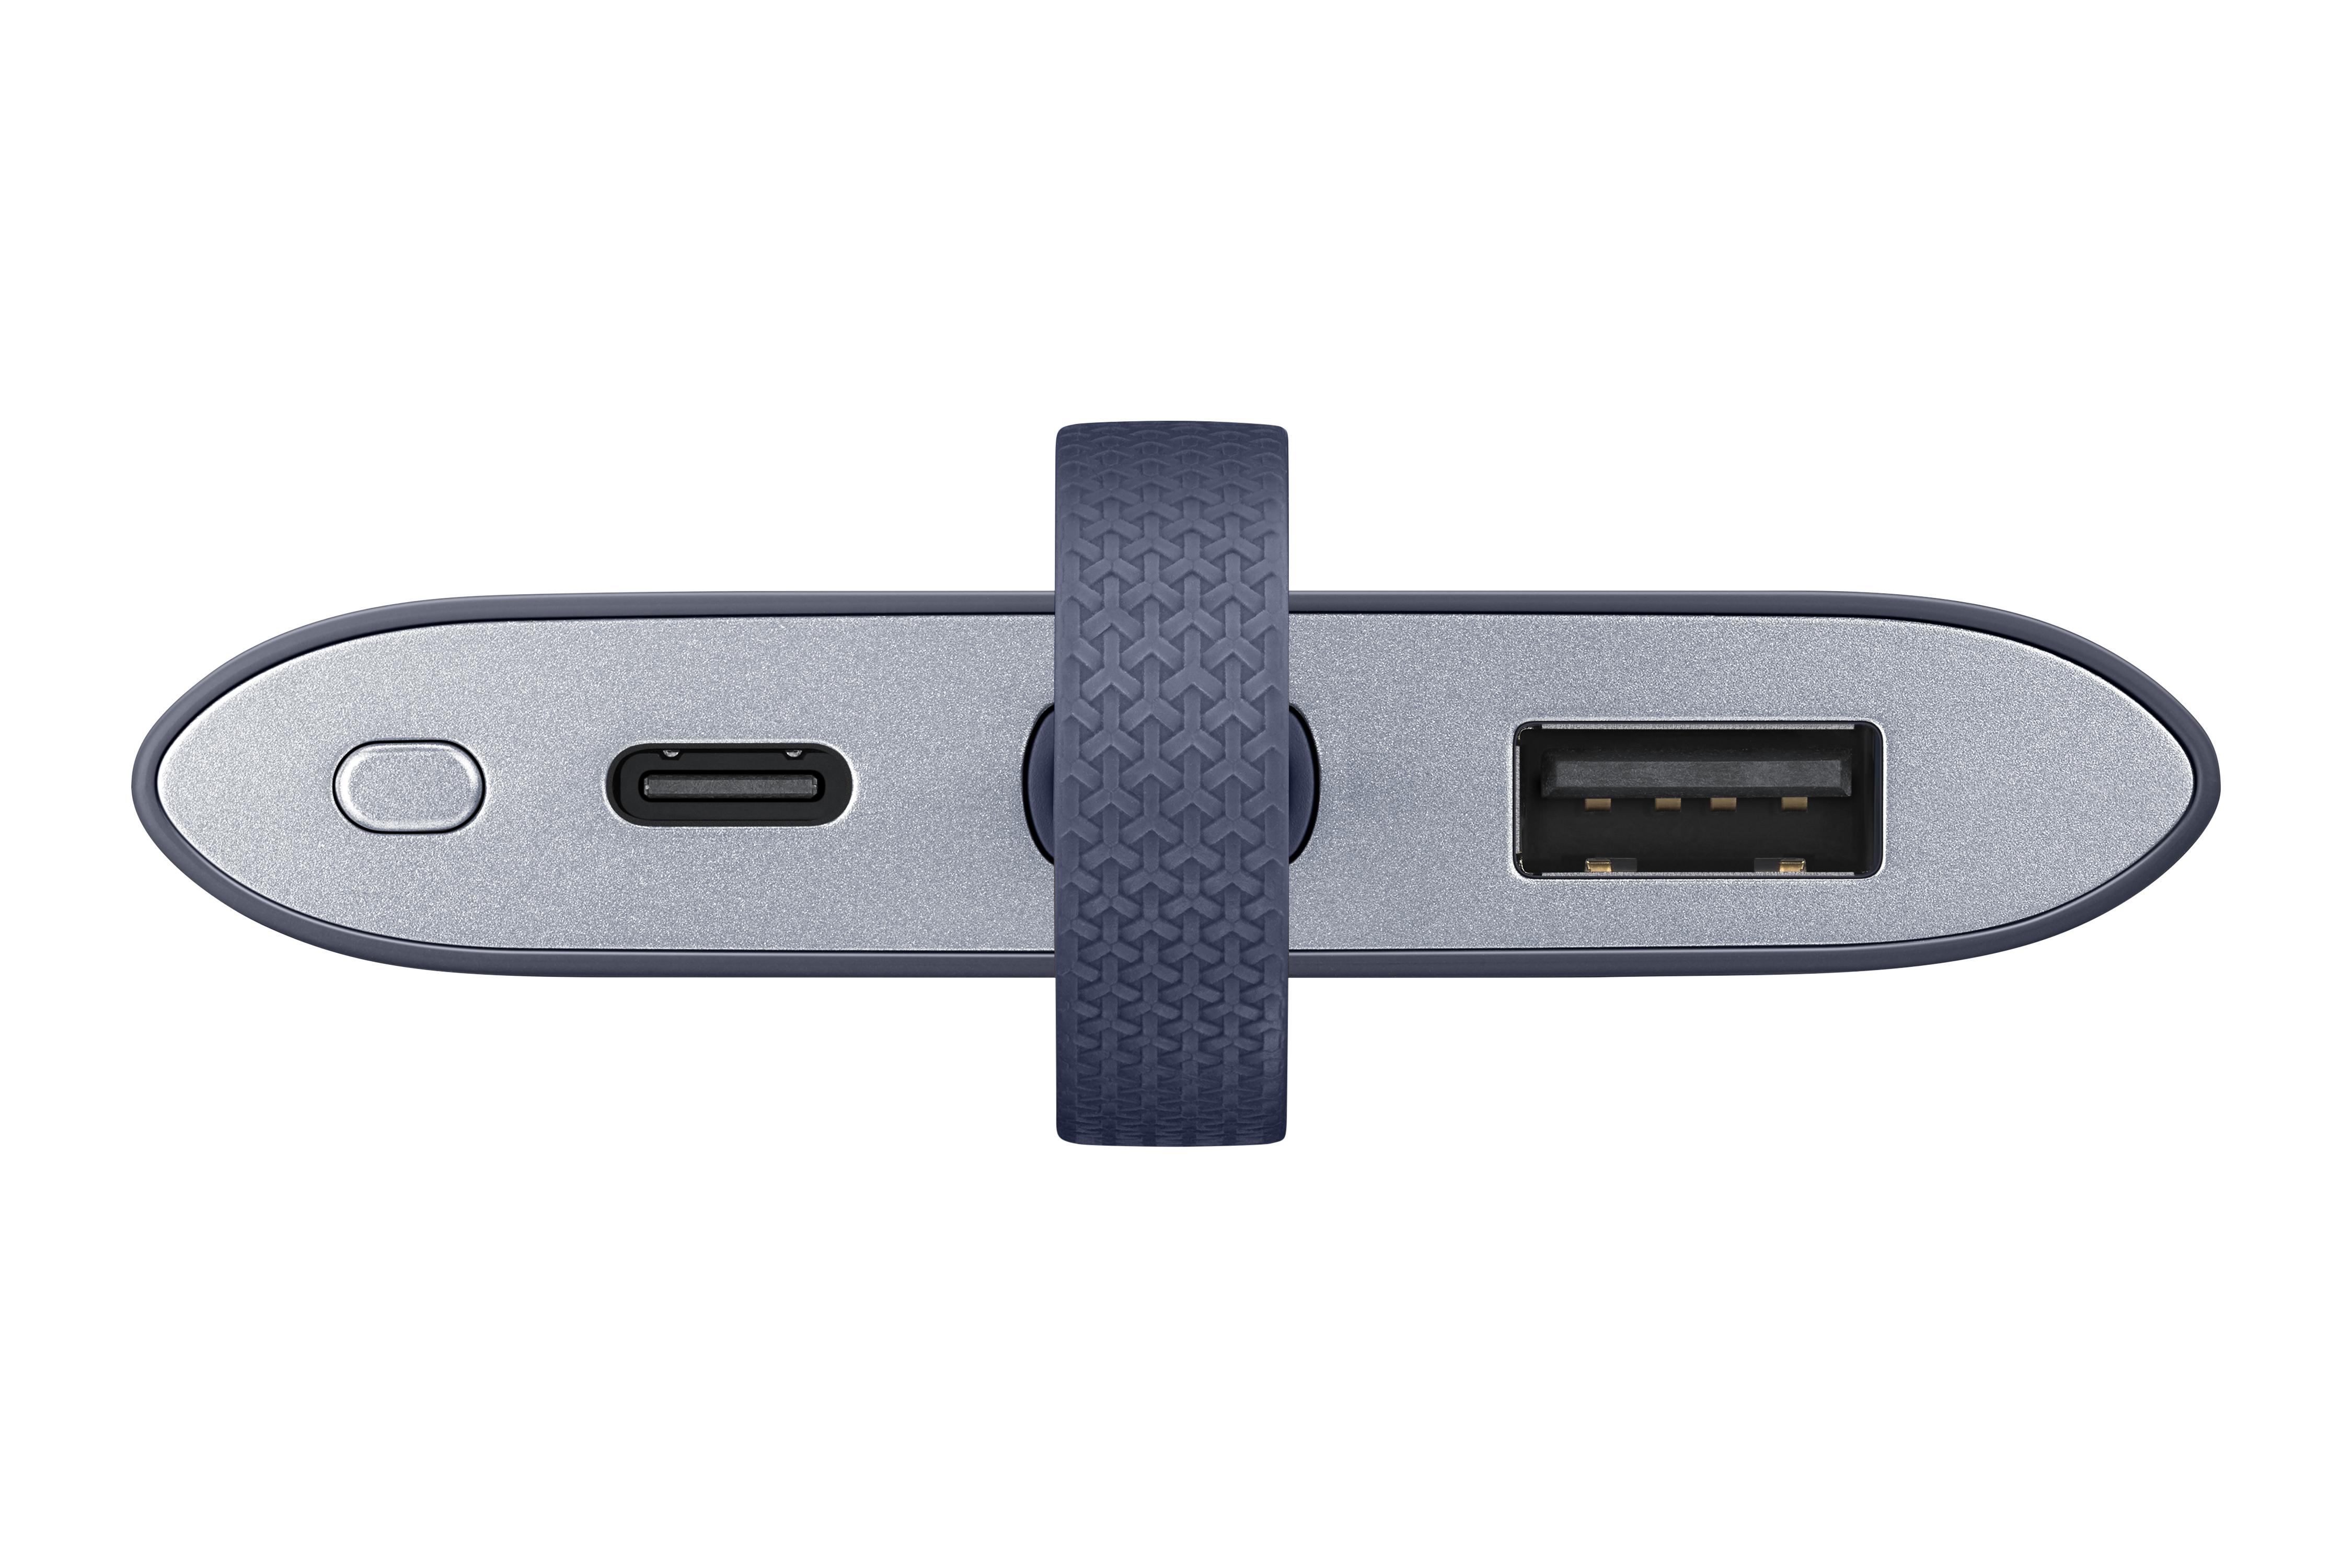 Batterie de secours Fast Charge 5100 mAh Samsung Bleu marine